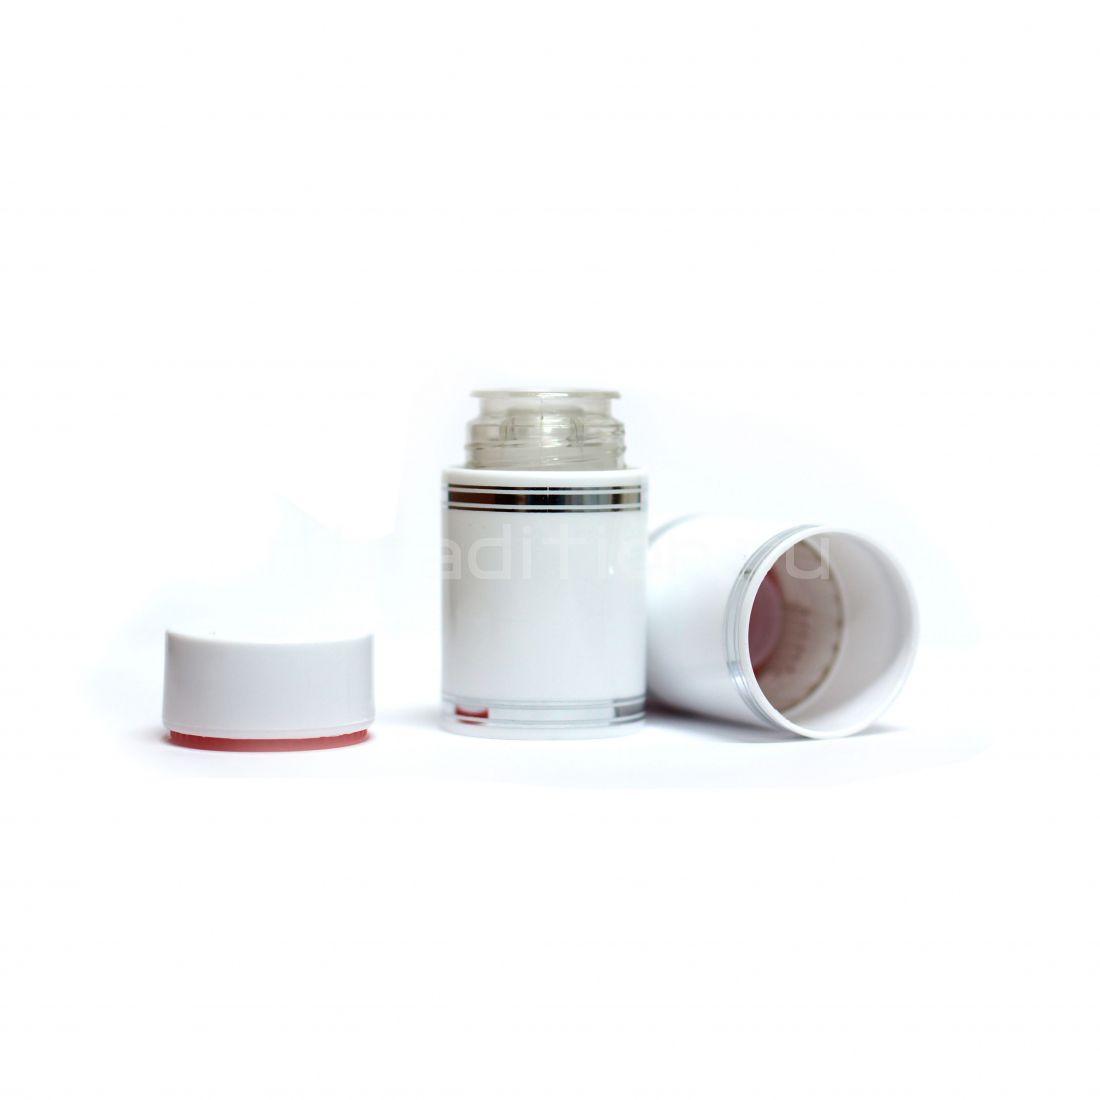 Полимерный колпачок с дозатором белый (Гуала 58 мм) / 10 шт